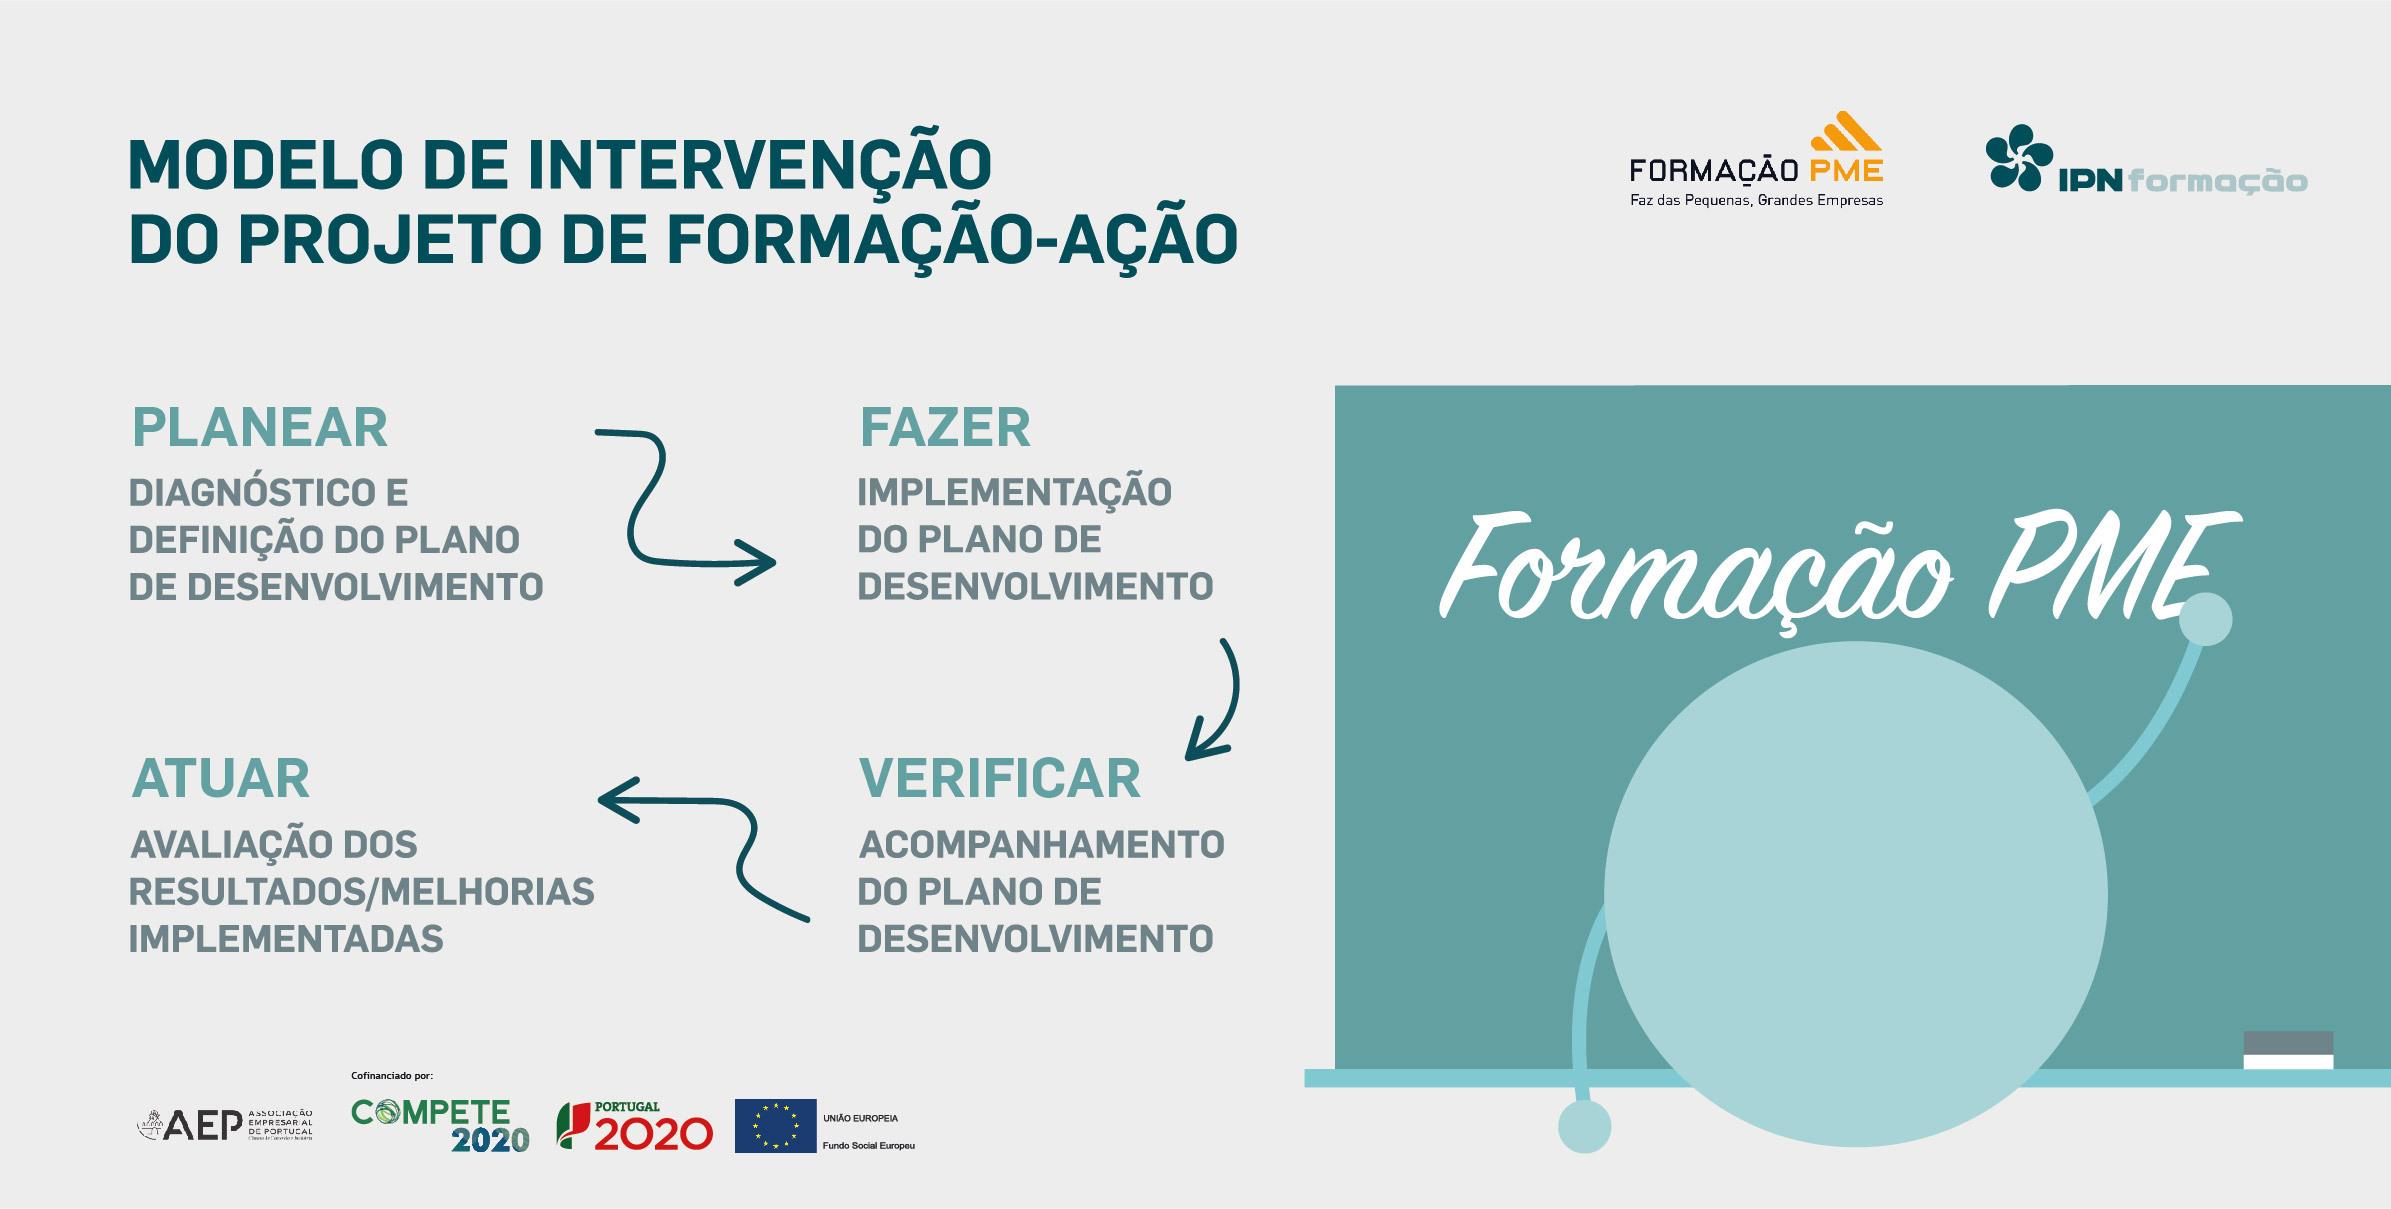 Formação PME 2021